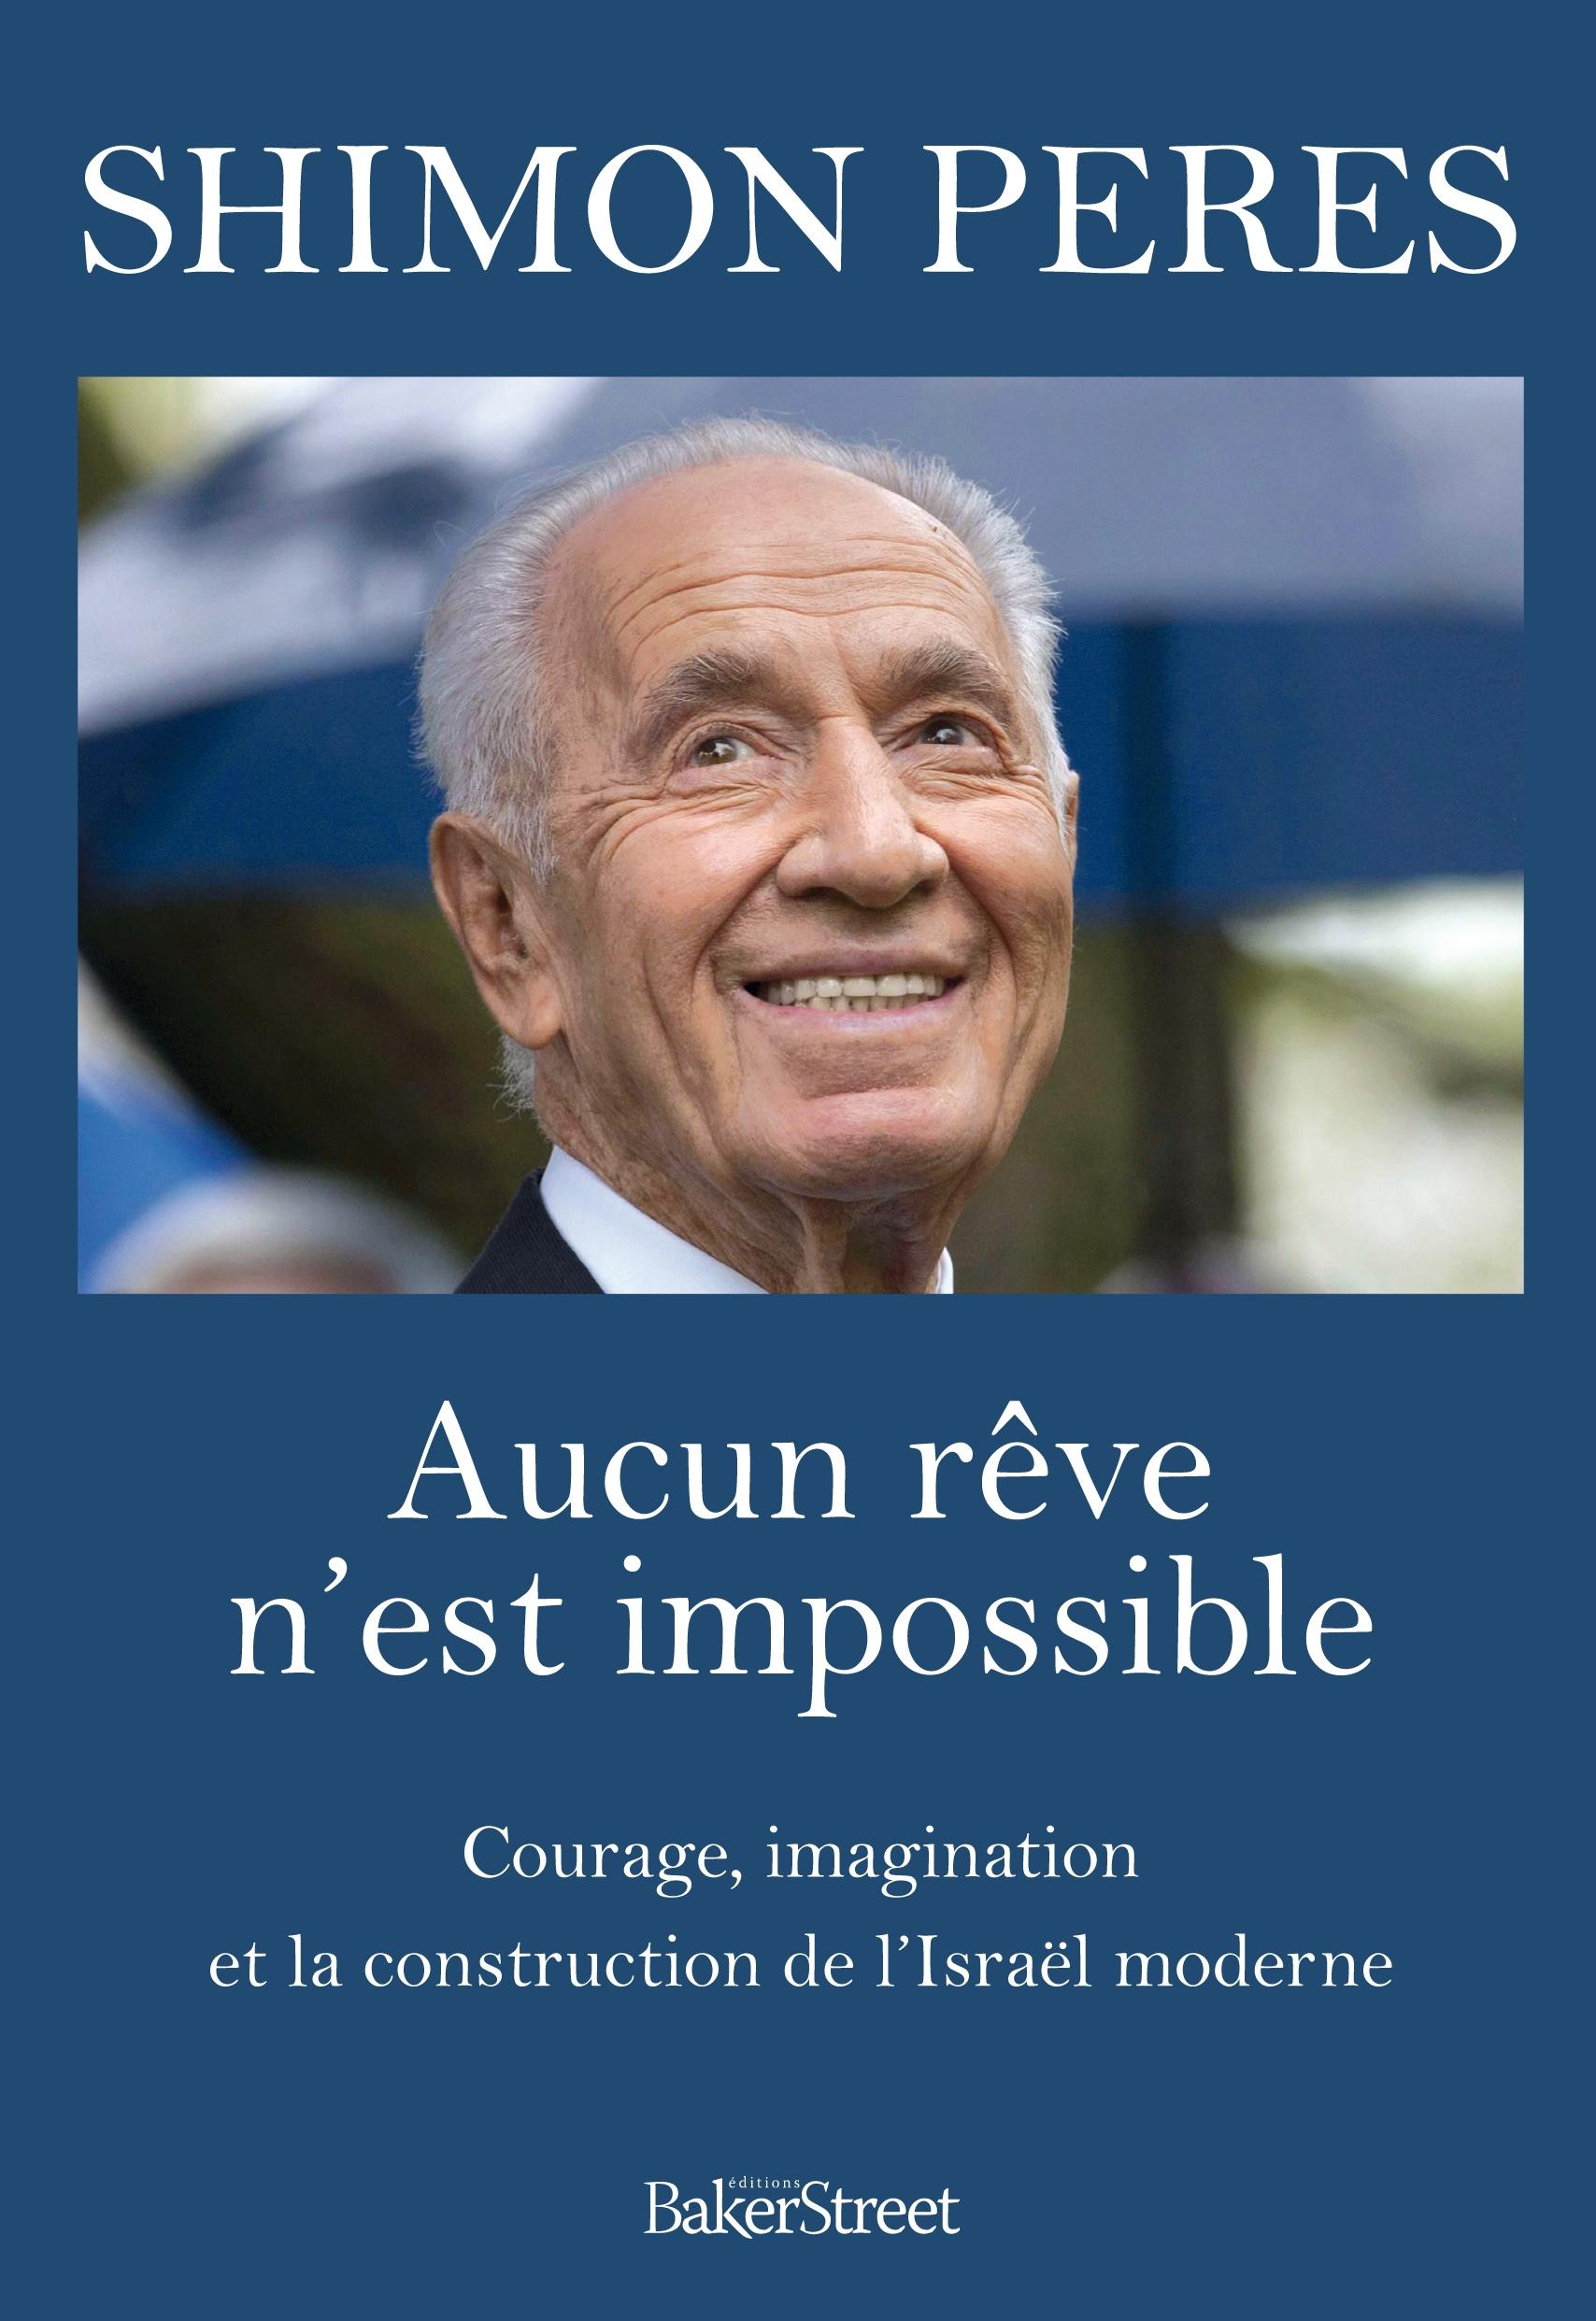 Aucun rêve n'est impossible, Courage, imagination et la construction de l'Israël moderne